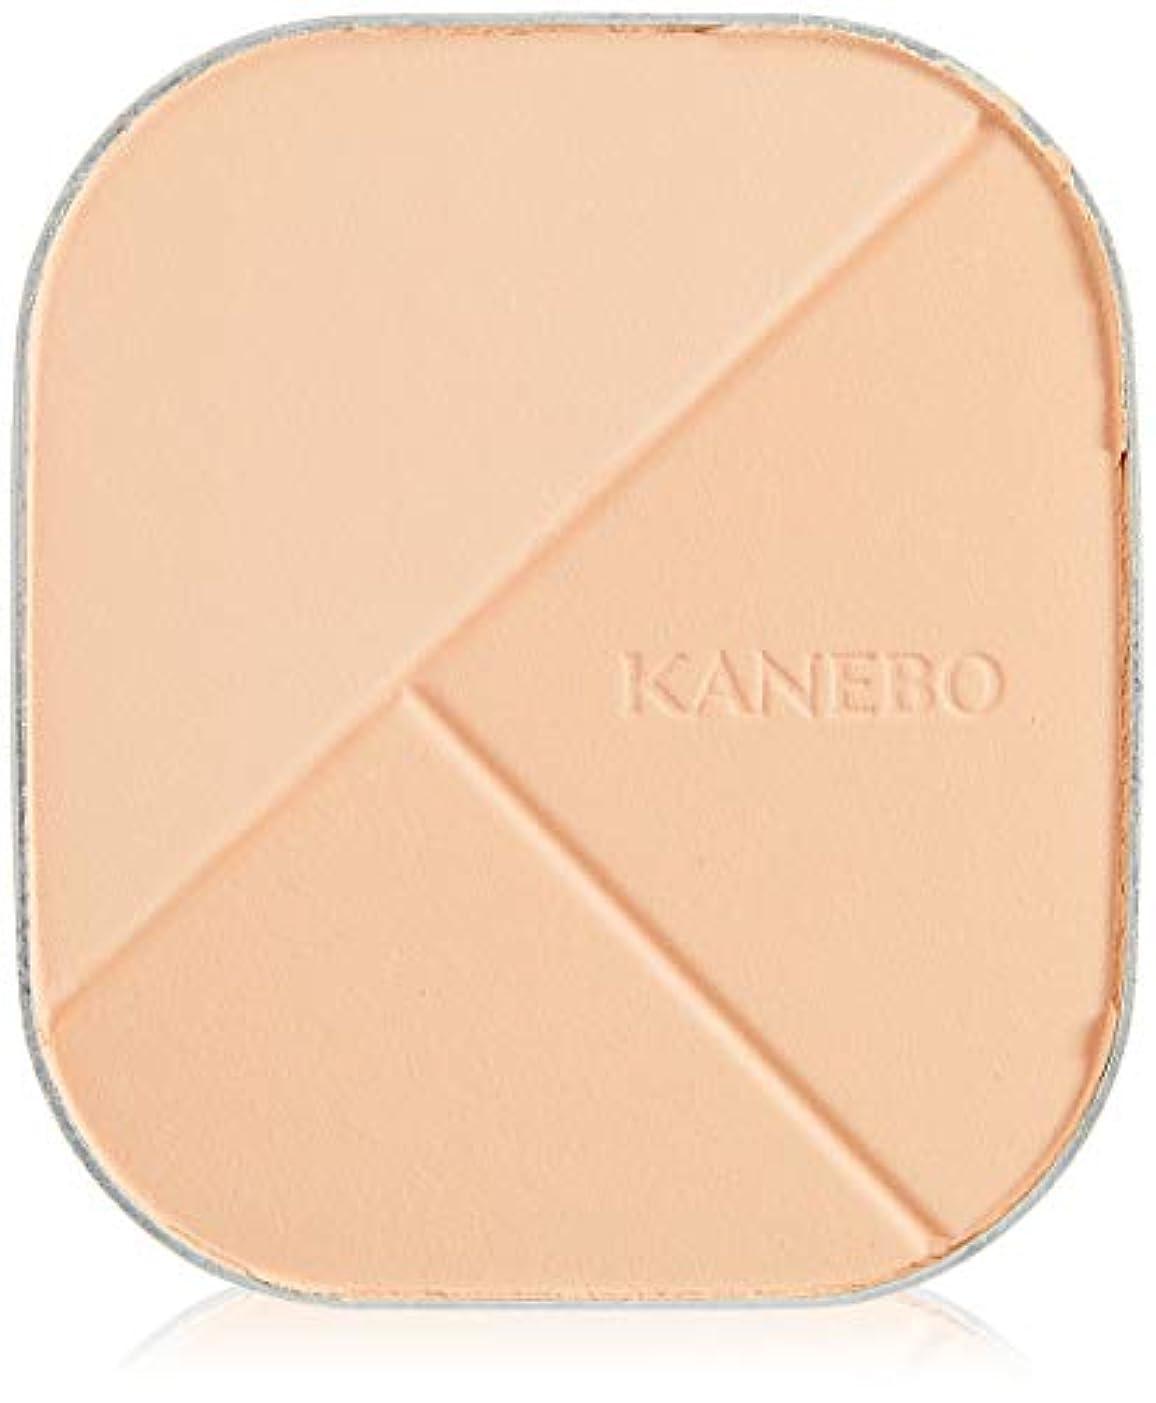 ふつうガジュマル例KANEBO(カネボウ) カネボウ デュアルラディアンスファンデーション オークルC SPF15/PA++ ファンデーション(パクト)